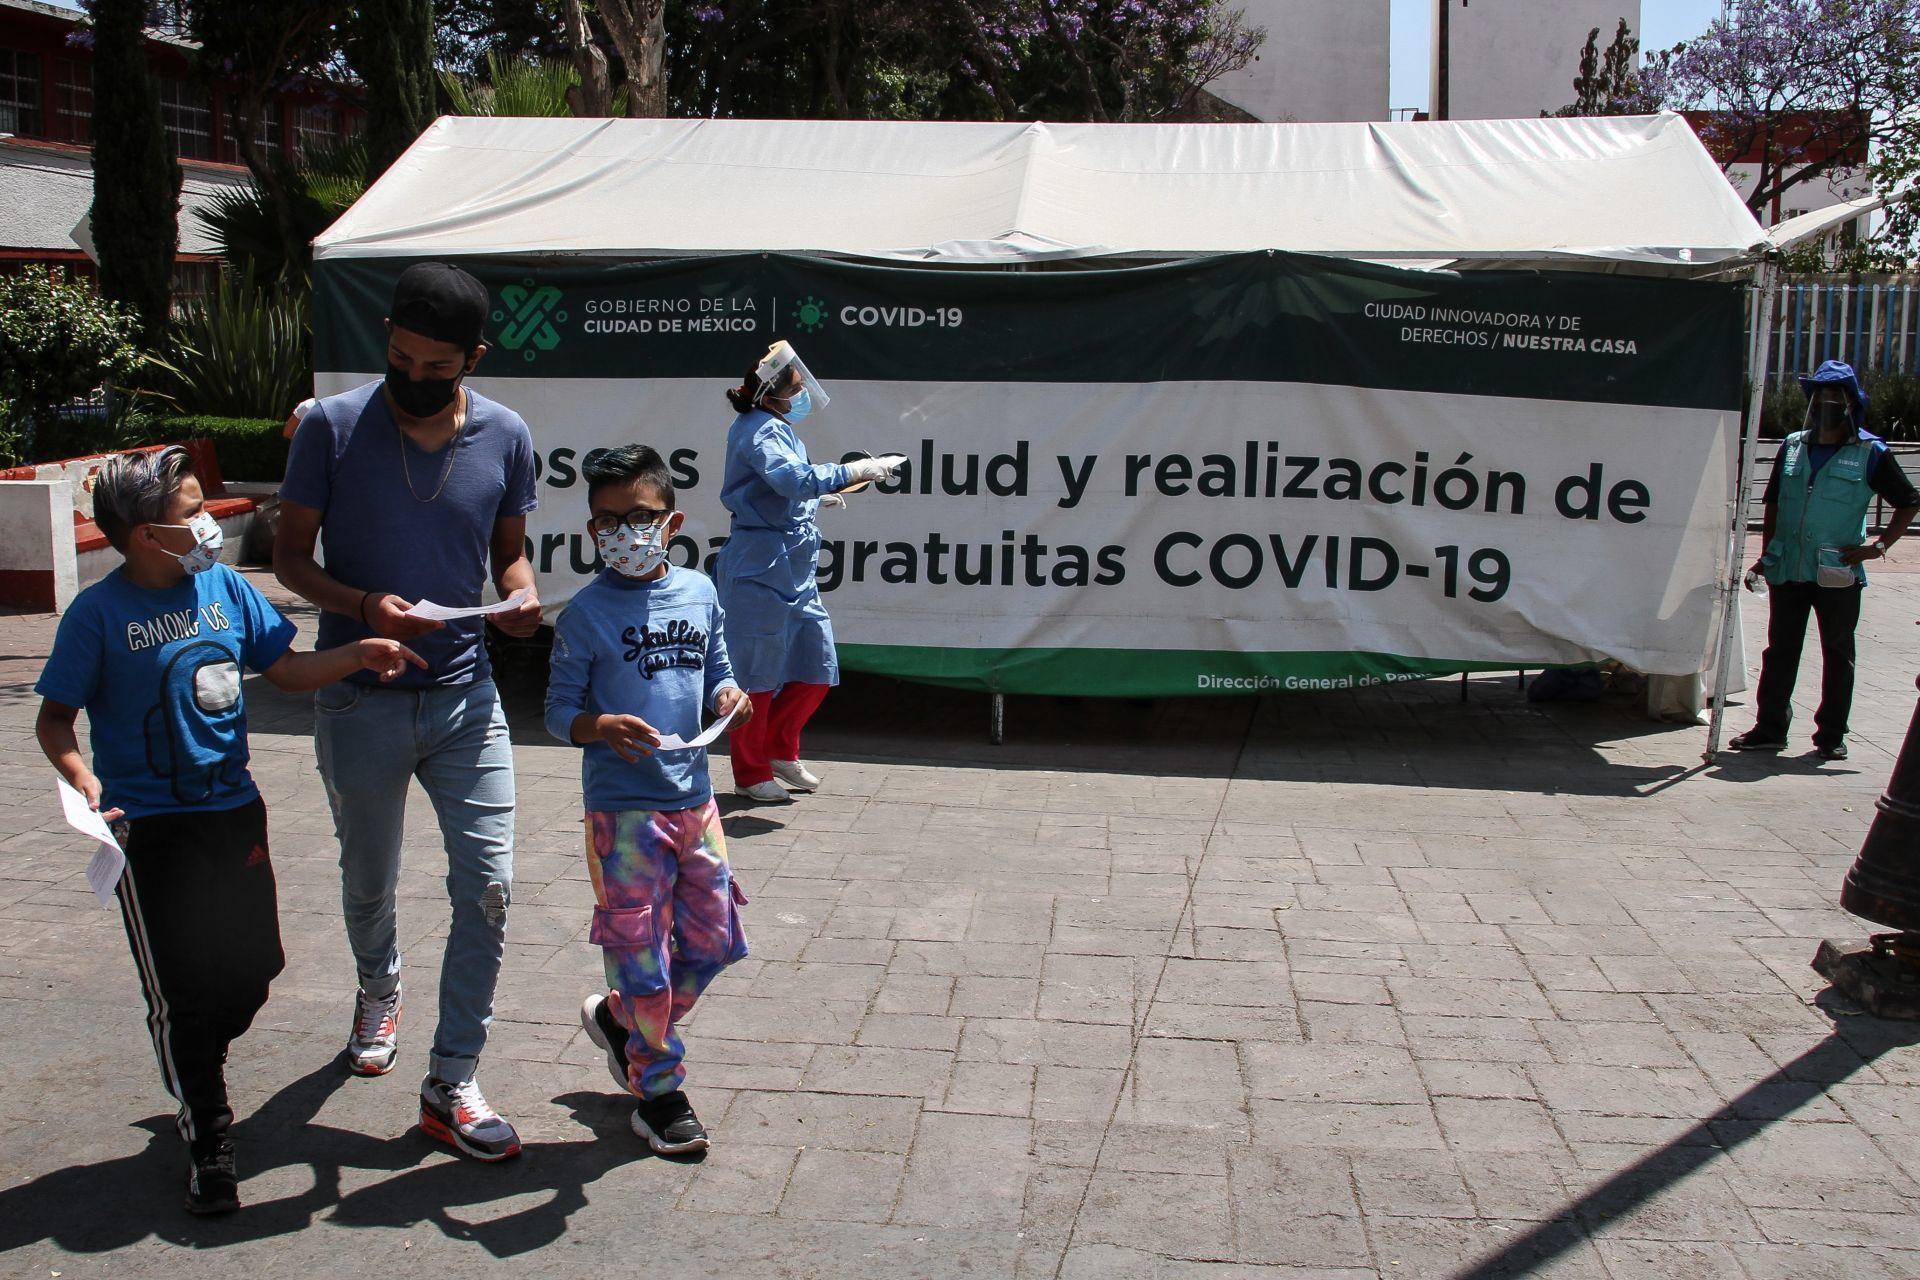 Menores usando cubrebocas en las inmediaciones de un hospital Covid-19